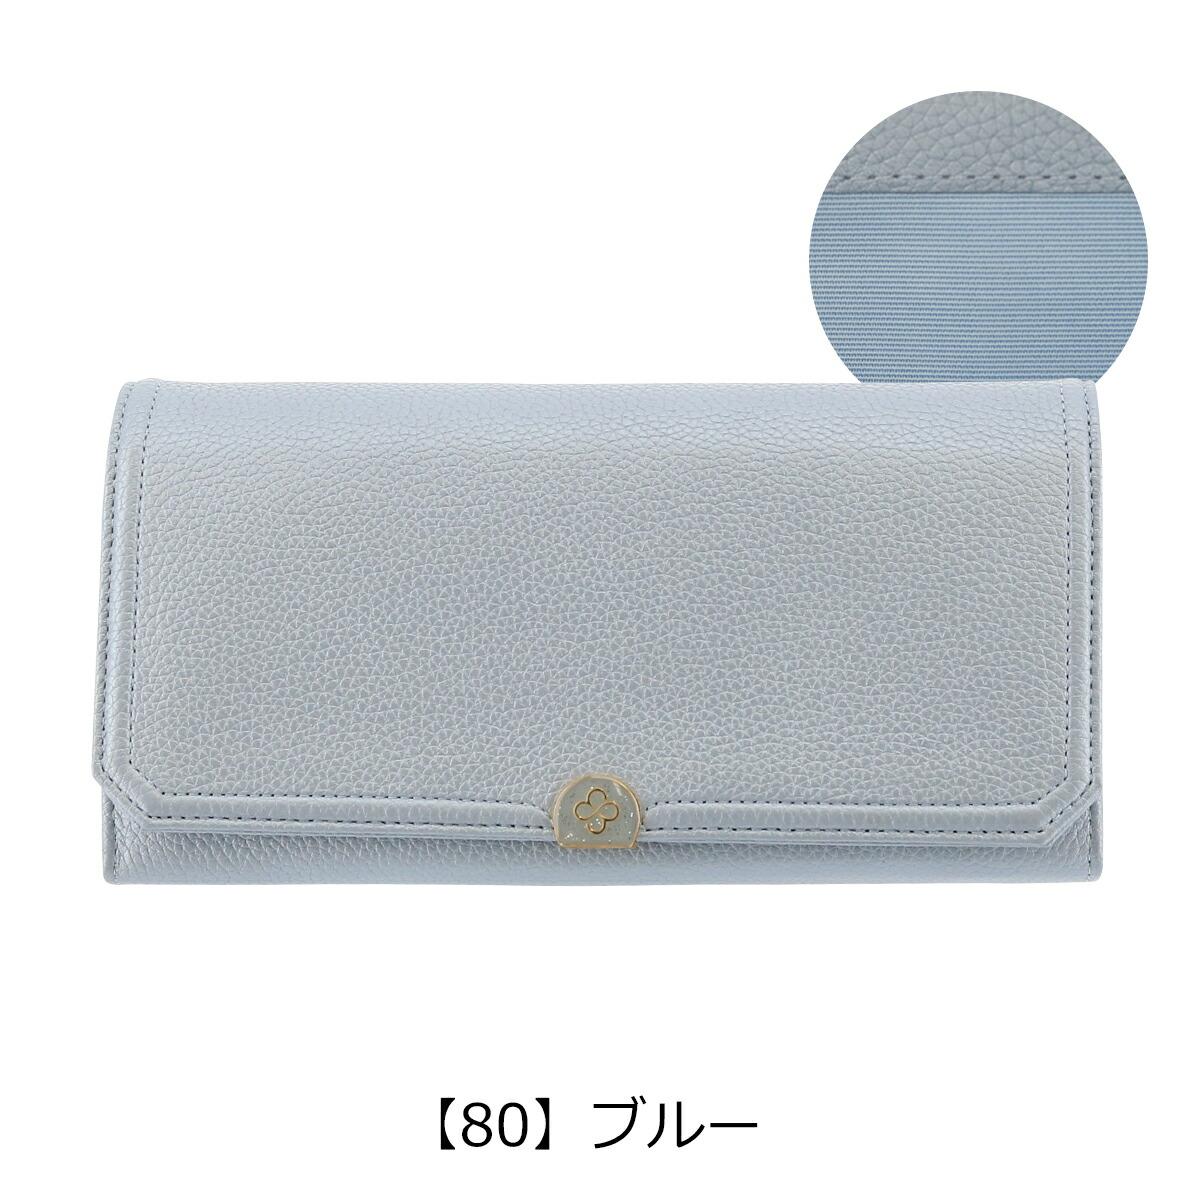 【80】ブルー